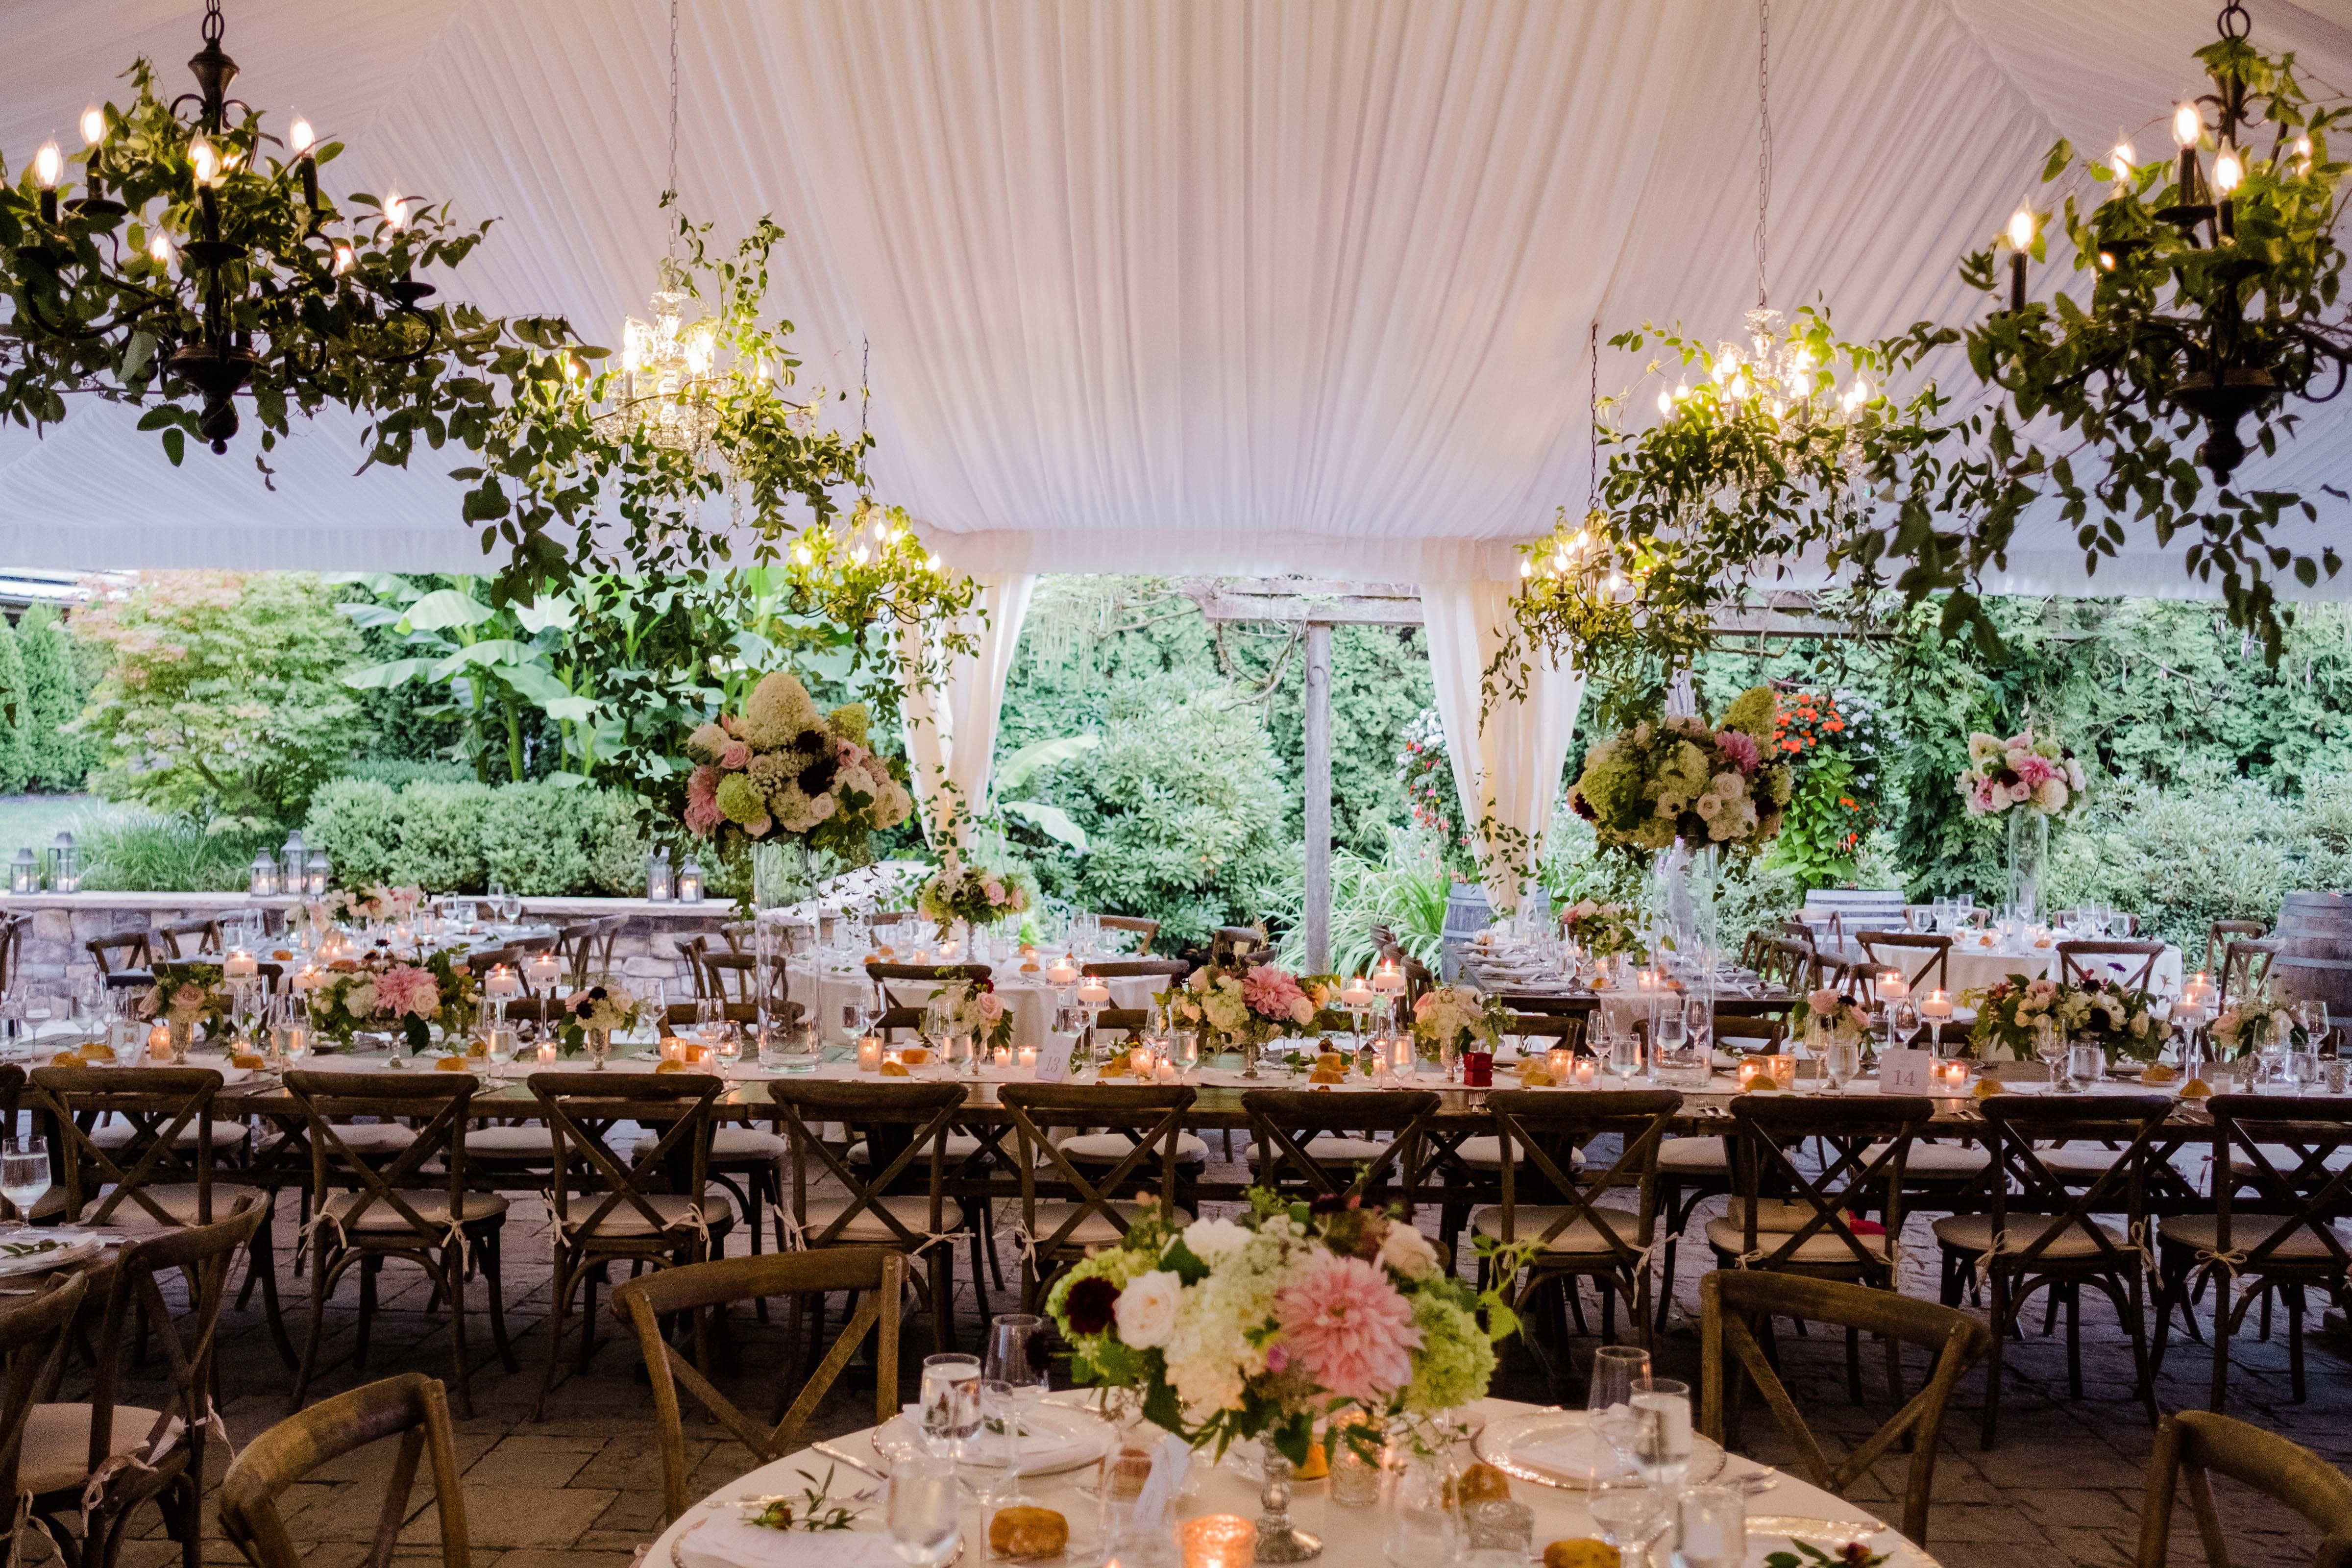 wedding reception at Chateau Lill